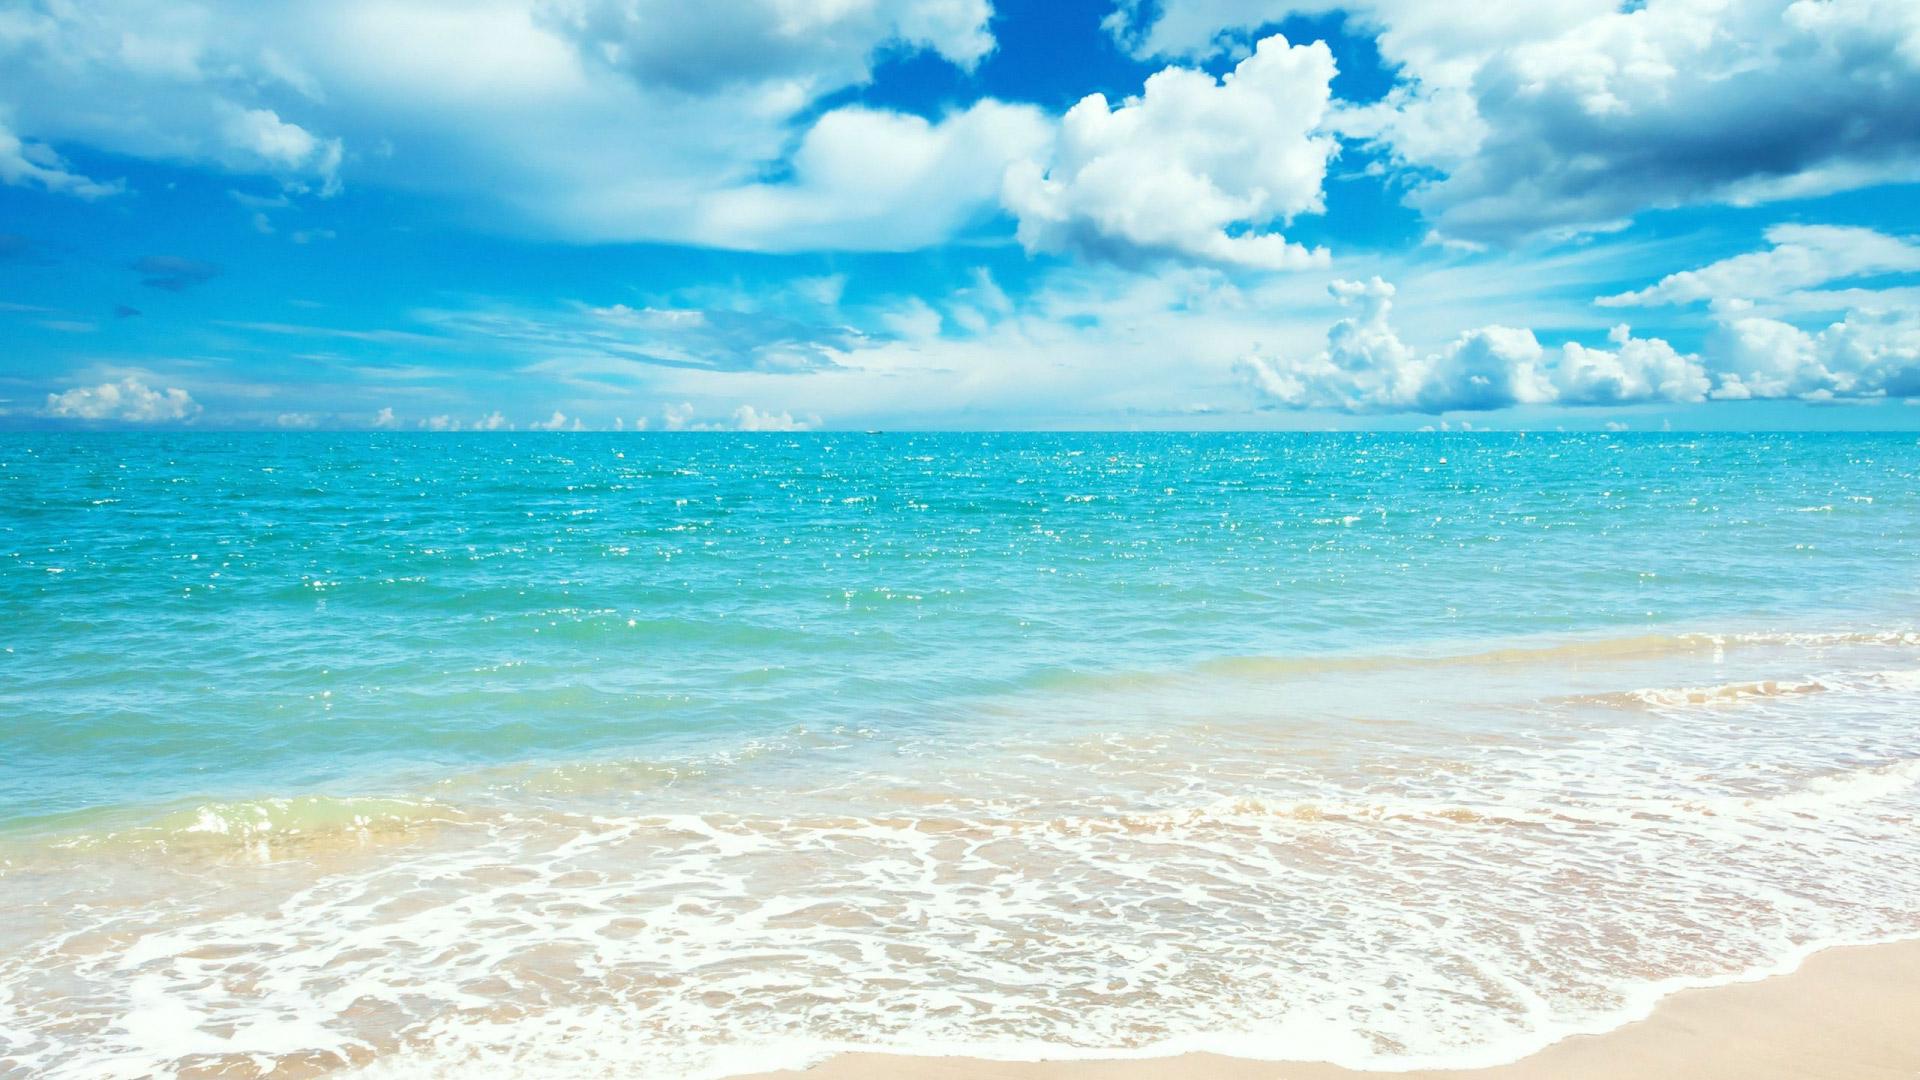 Прикольные и классные картинки моря и пляжа - сборка 2018 1